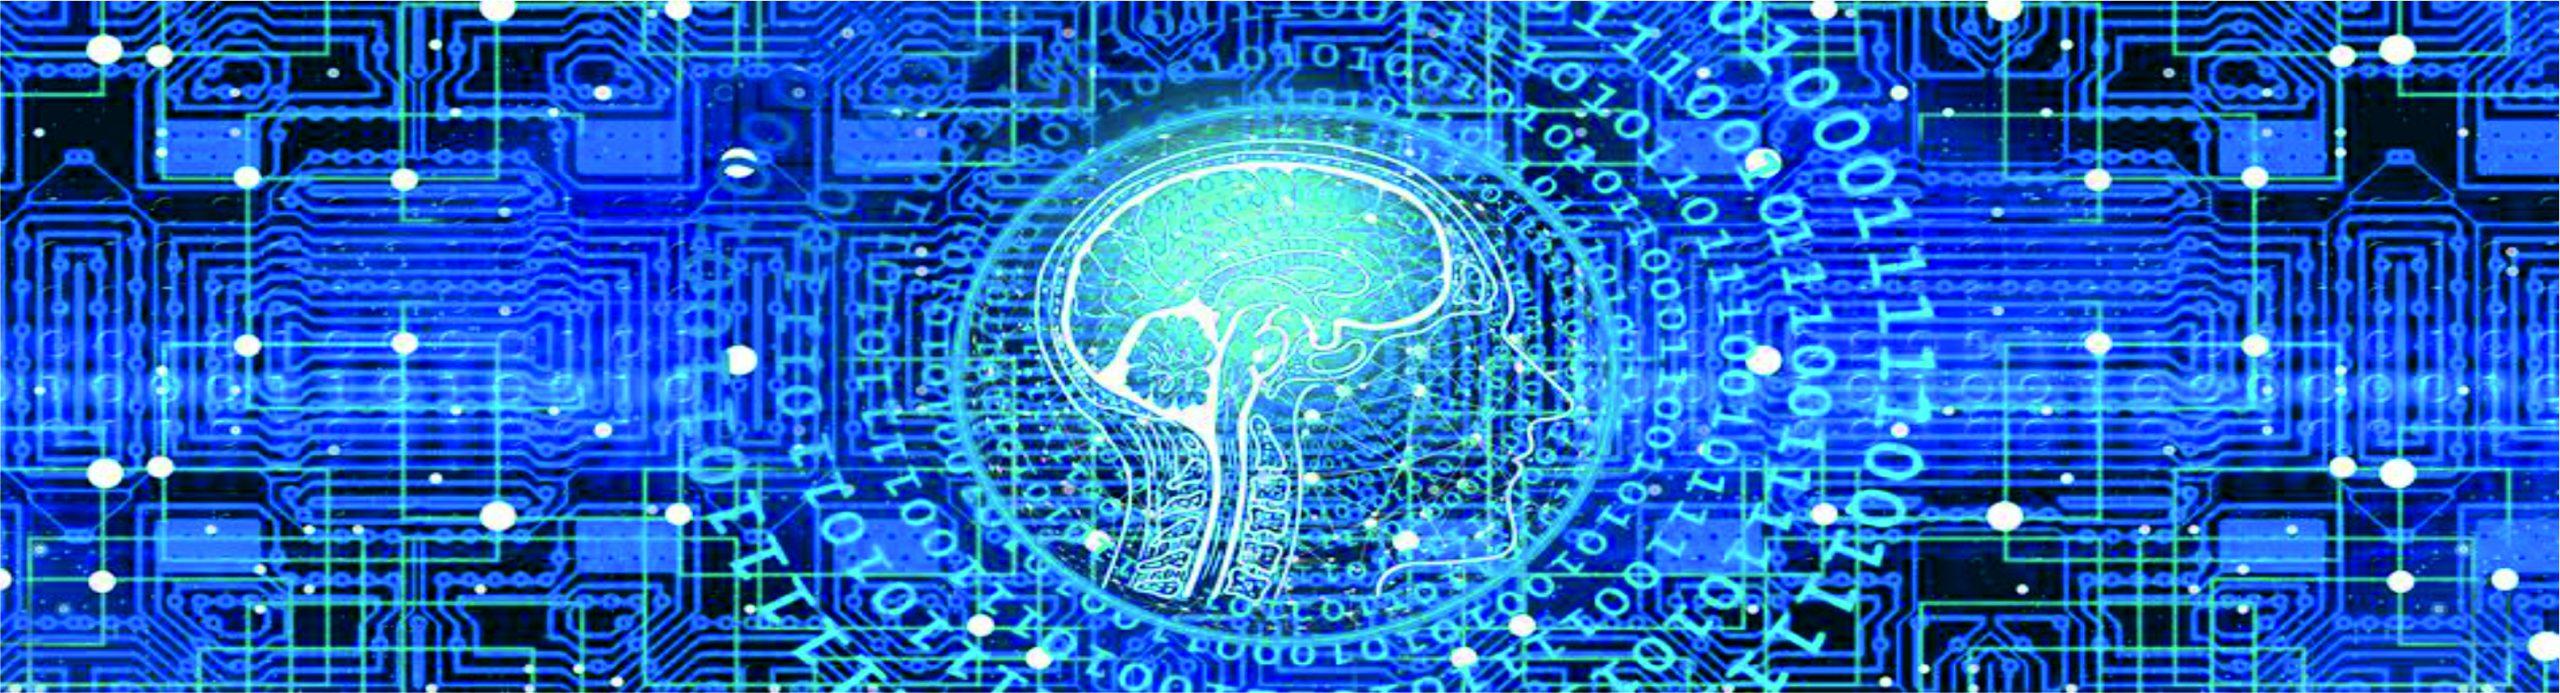 ІV відкритий навчально-методичний семінар<br>Сучасні методичні аспекти<br>викладання дисциплін курсу підготовки<br>інженерії програмного забезпечення